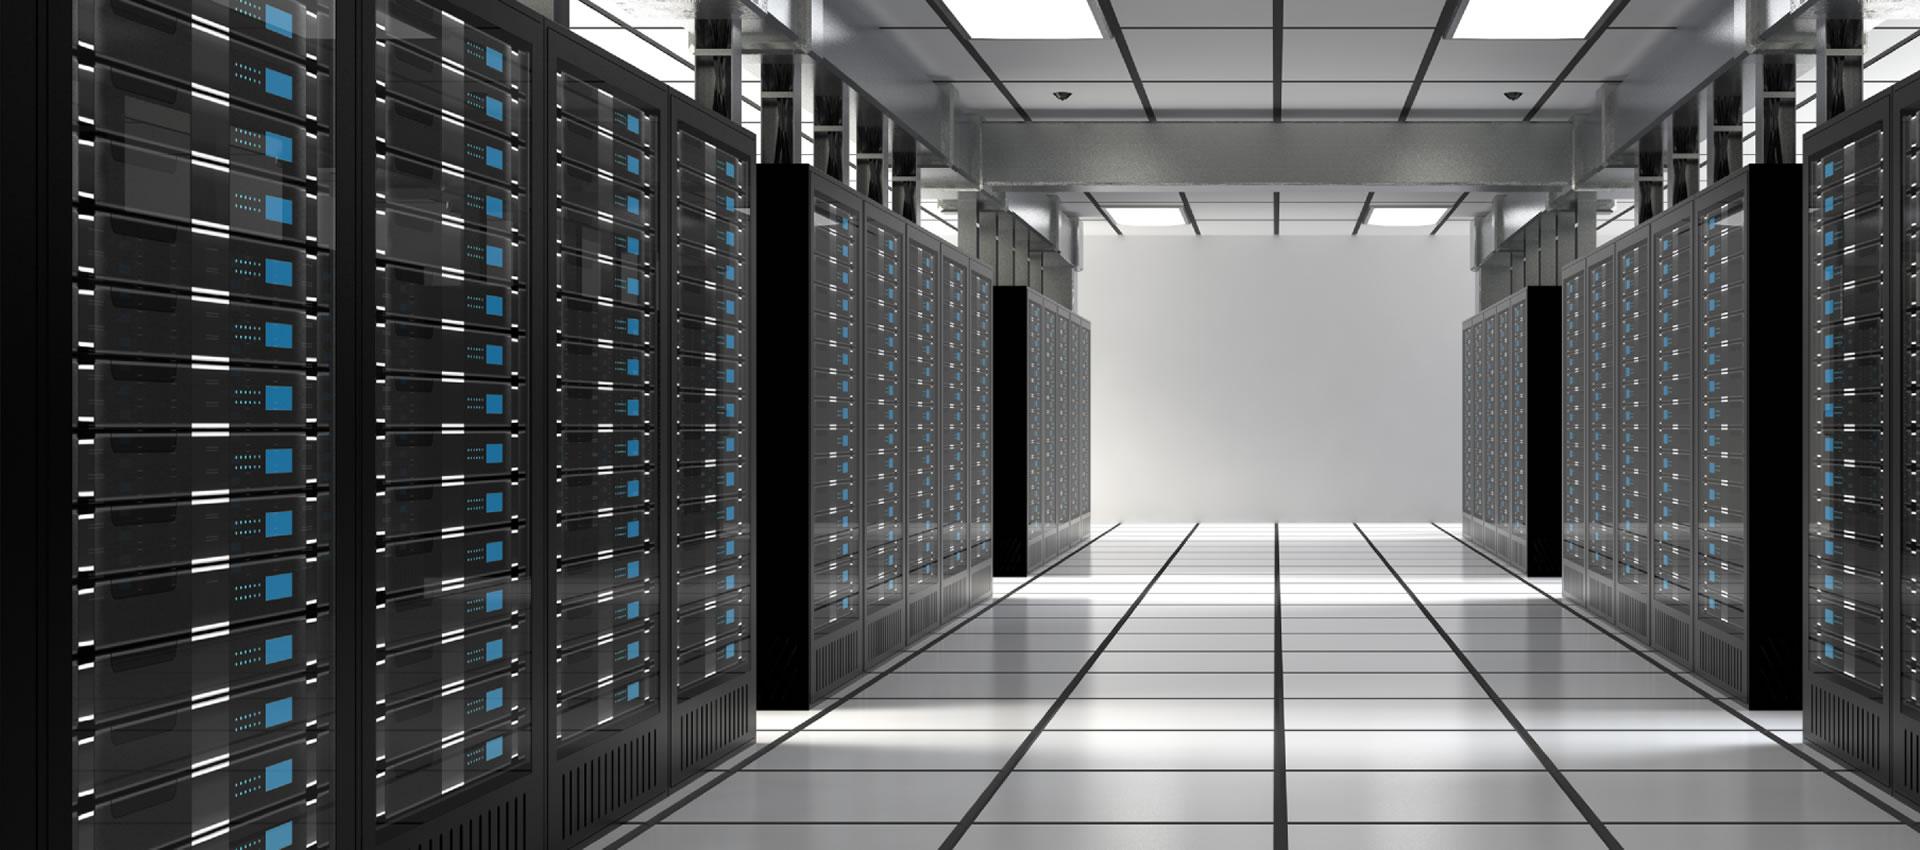 игровой хостинг серверов кс 1